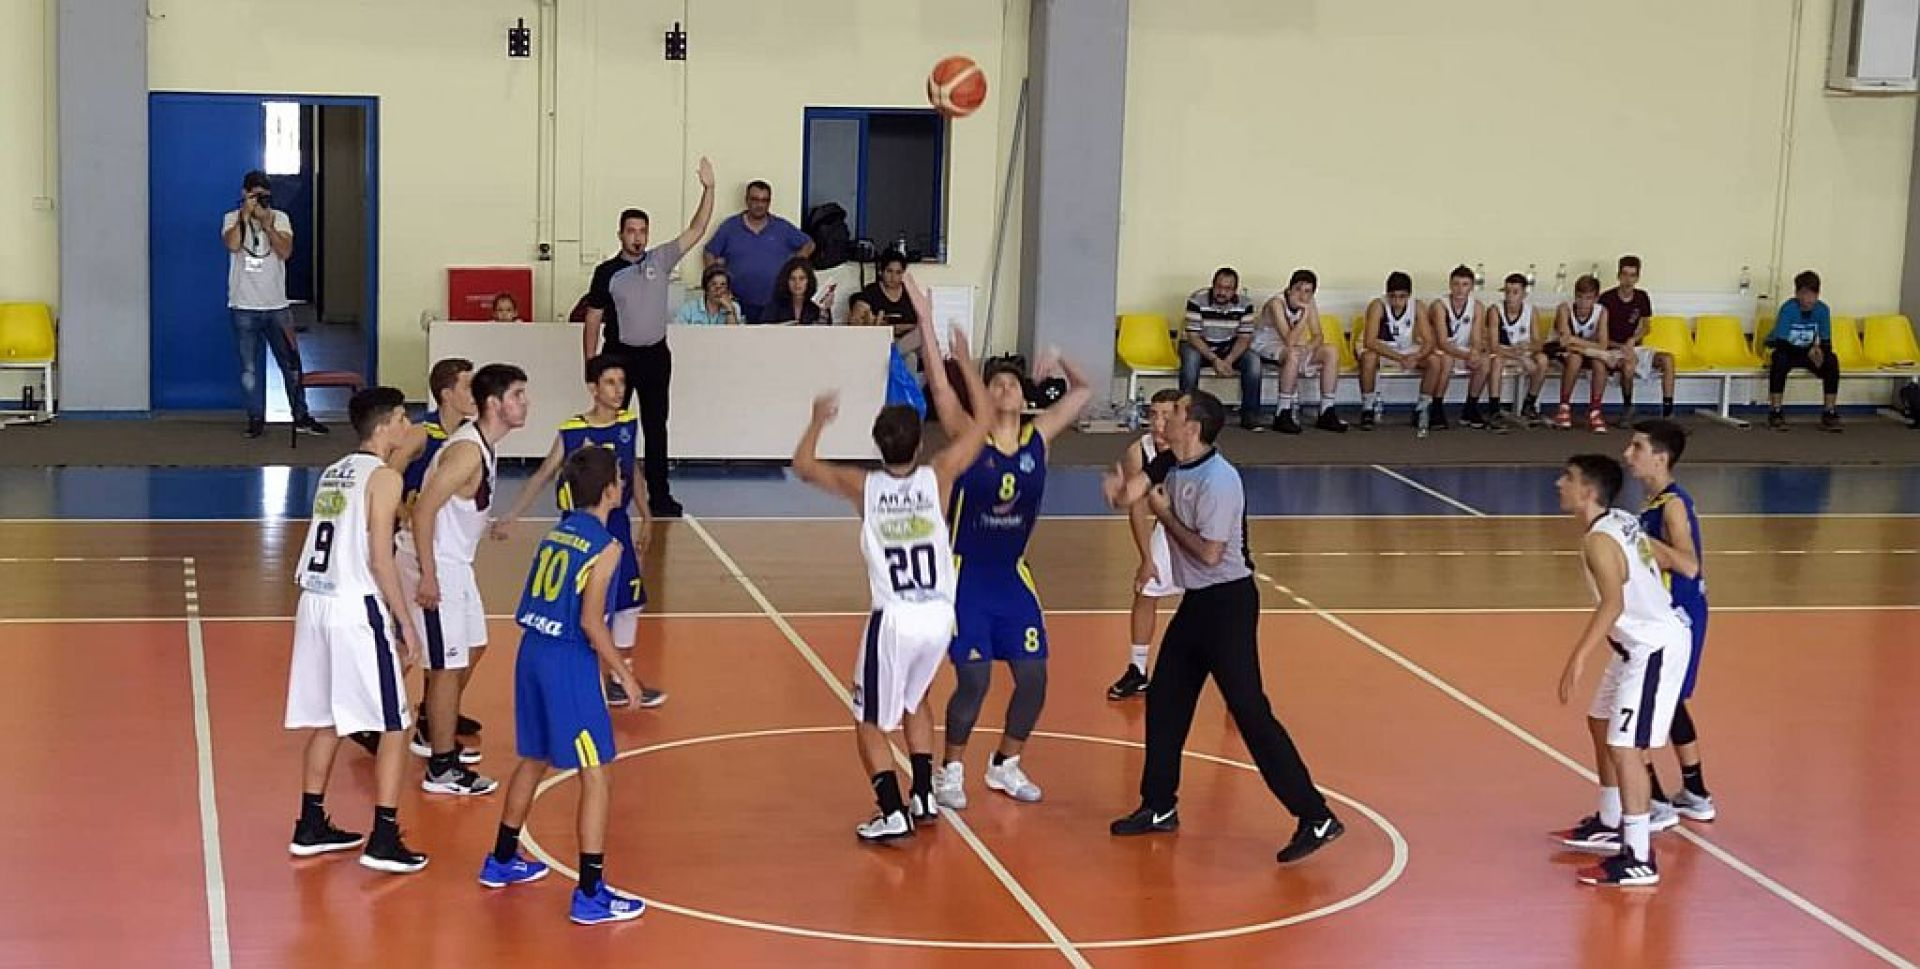 ΕΚΤΑΚΤΟ: Απέχουν από τους αγώνες οι Κυκλαδίτες διαιτητές